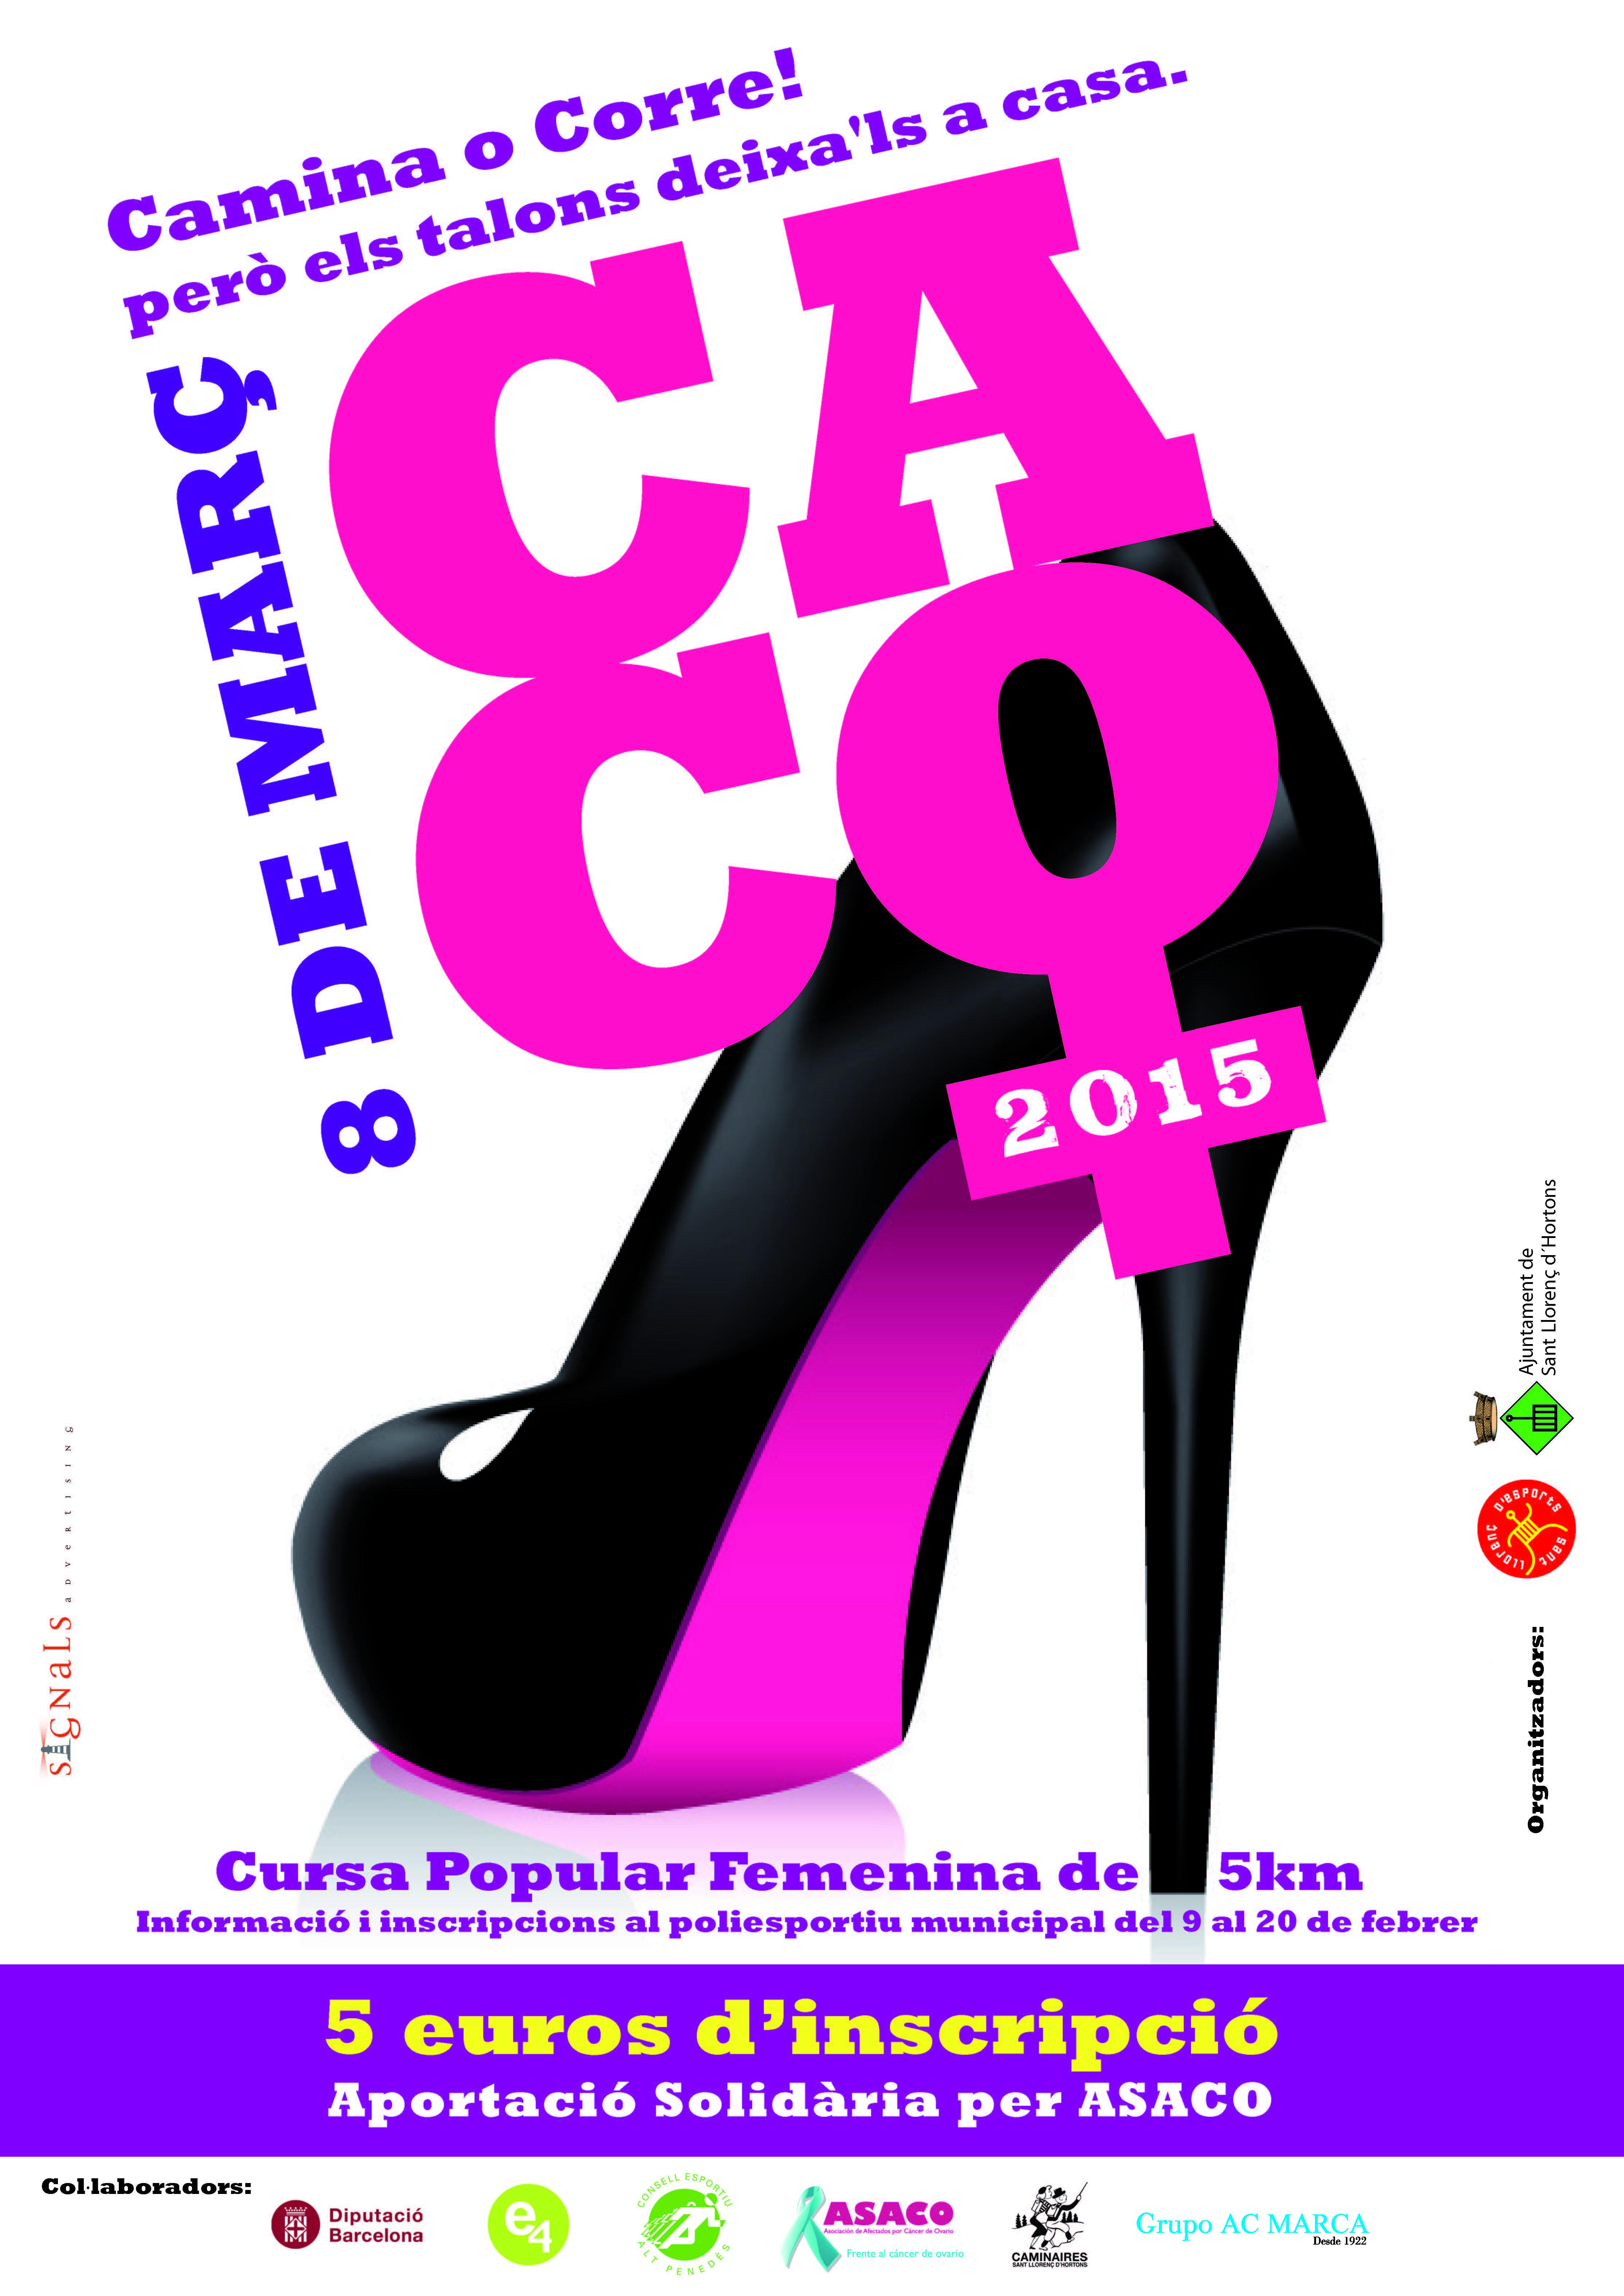 II CACO 2015 donacion carrera ASACO cancer ovario